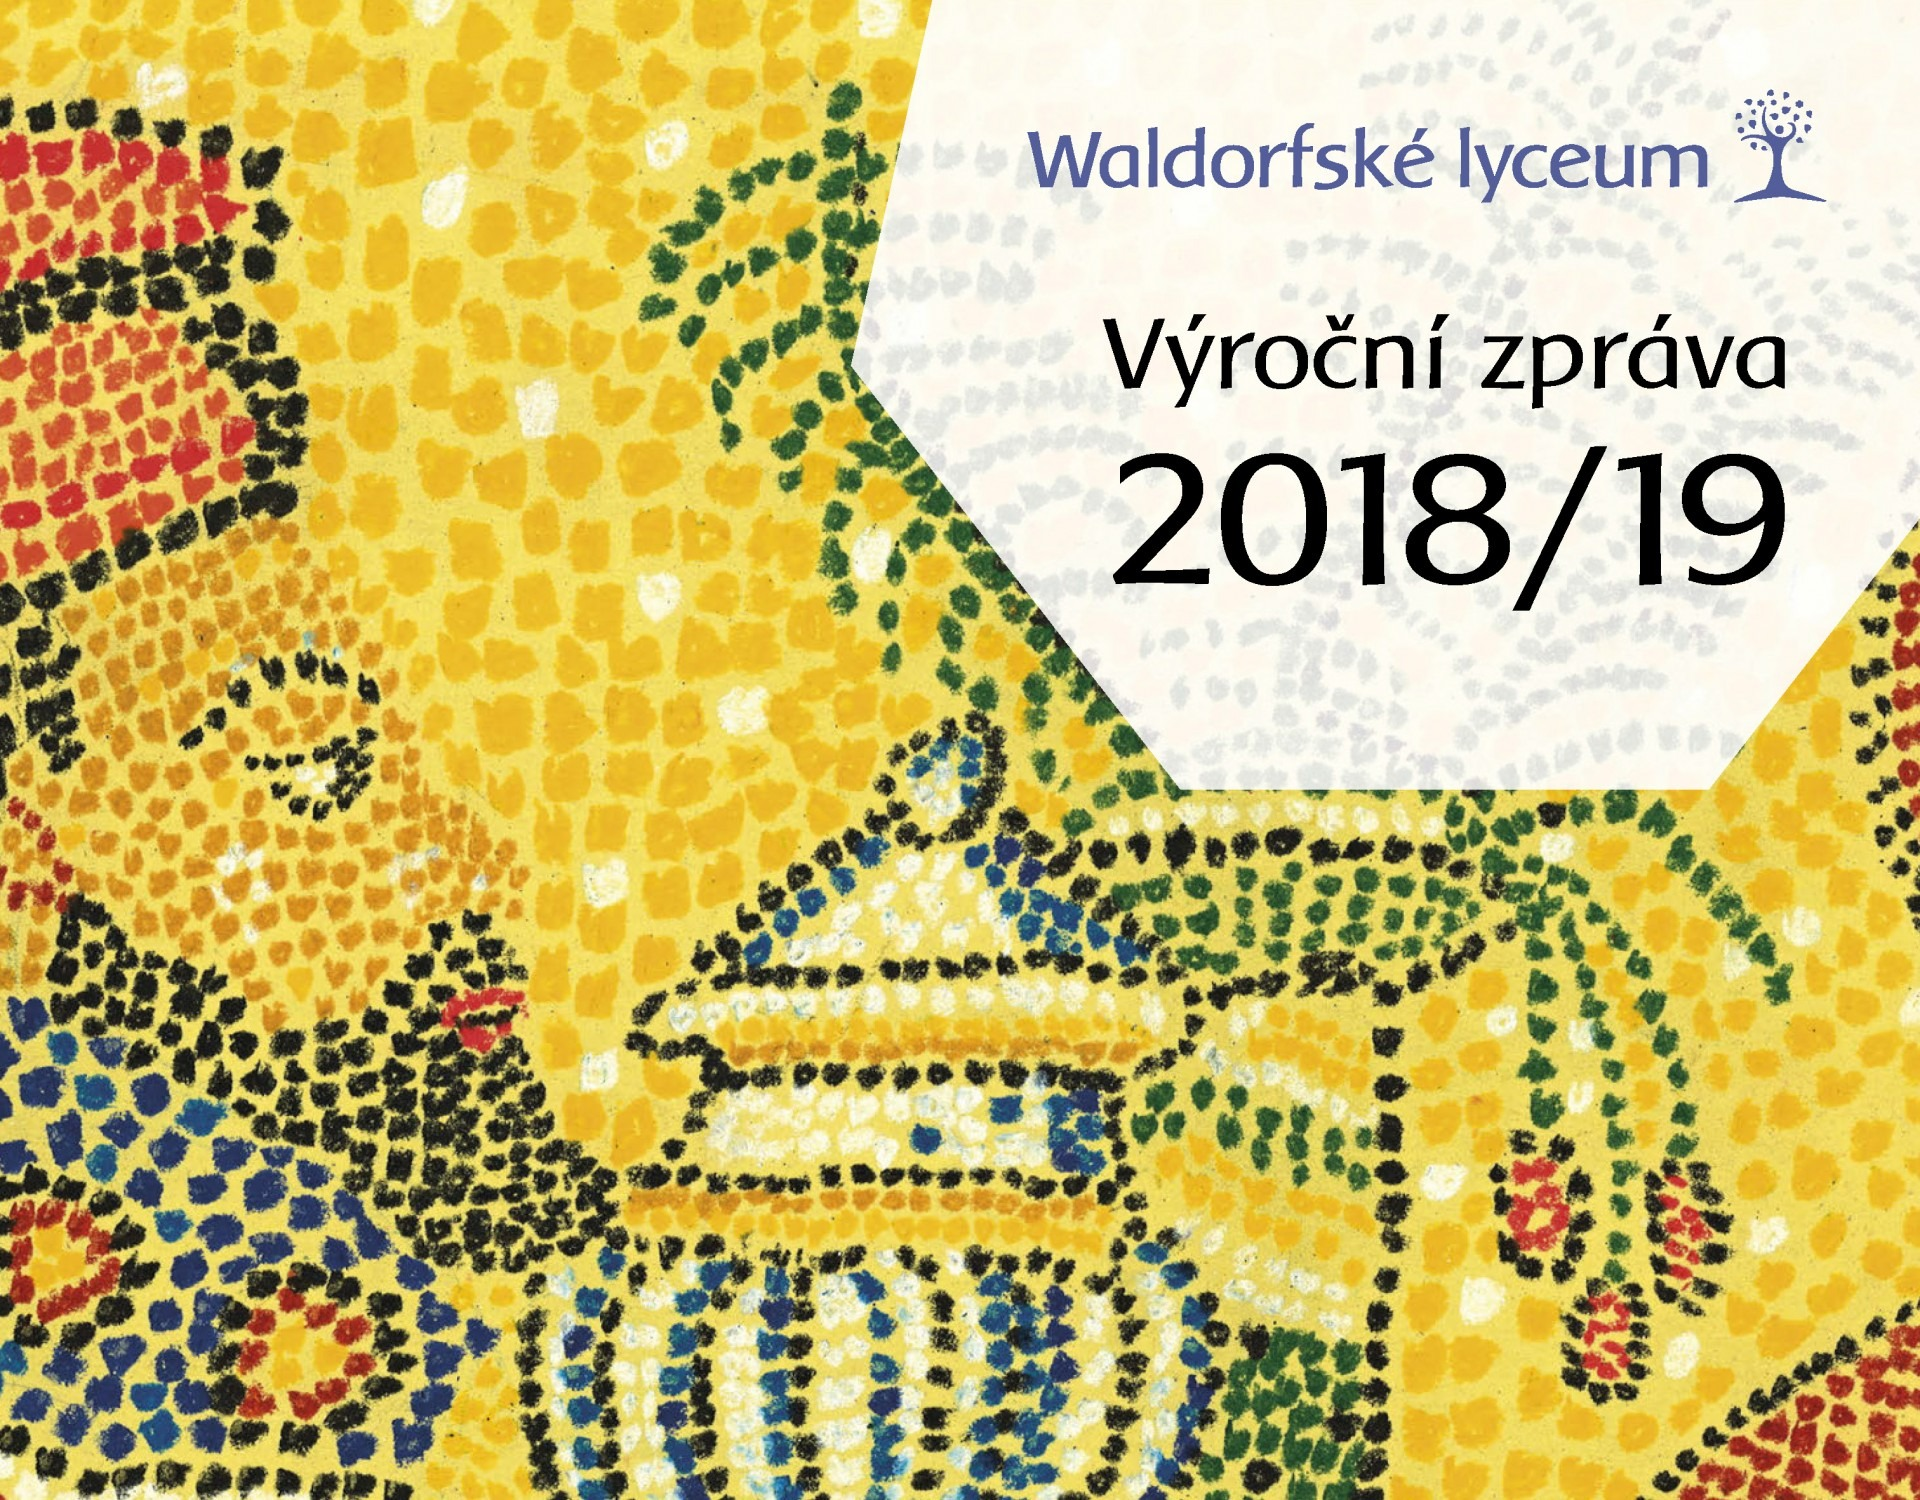 vyrocni zprava 2018 design1 rev1a online_Stránka_01